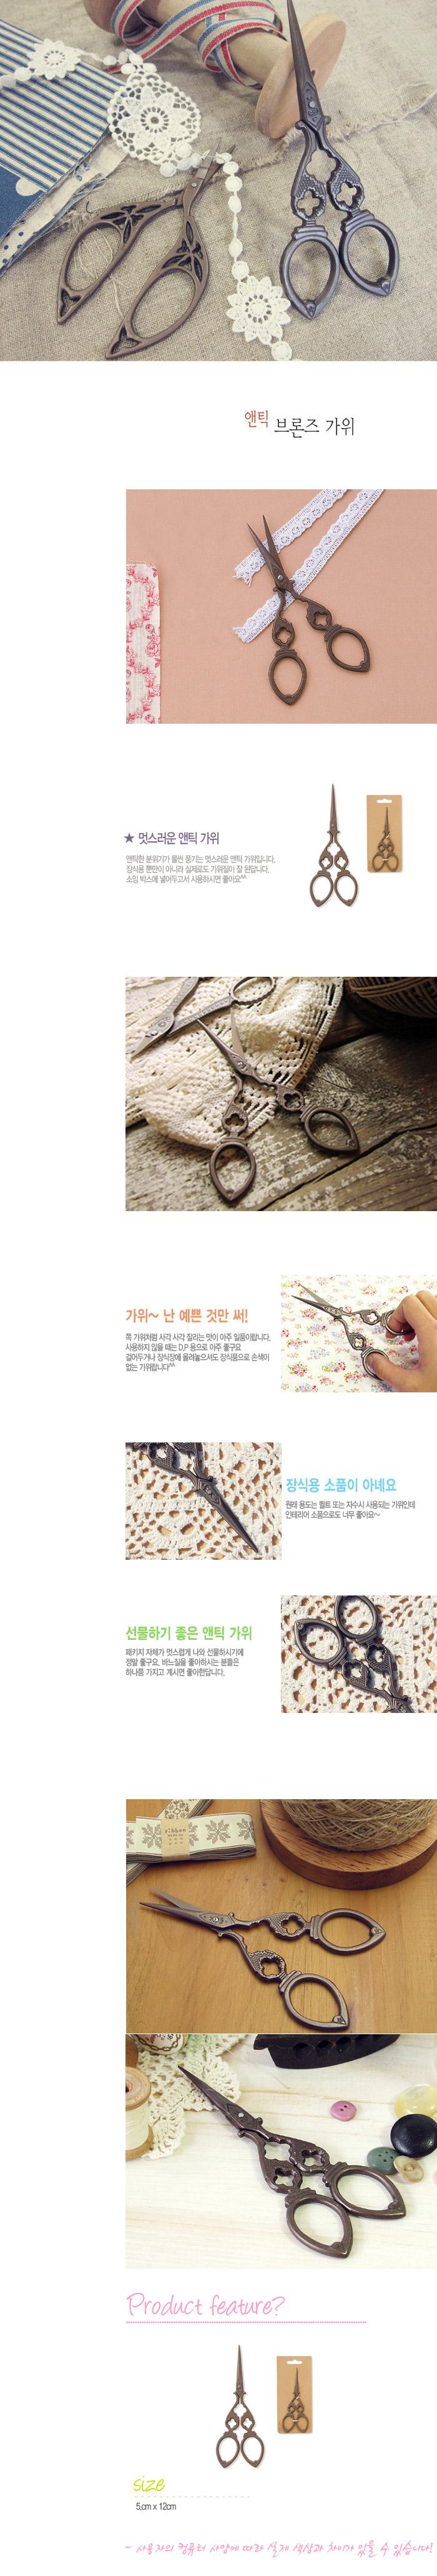 앤틱 브론즈 가위 - 컨츄리아이템, 7,000원, 퀼트/원단공예, 펜/핀/부자재